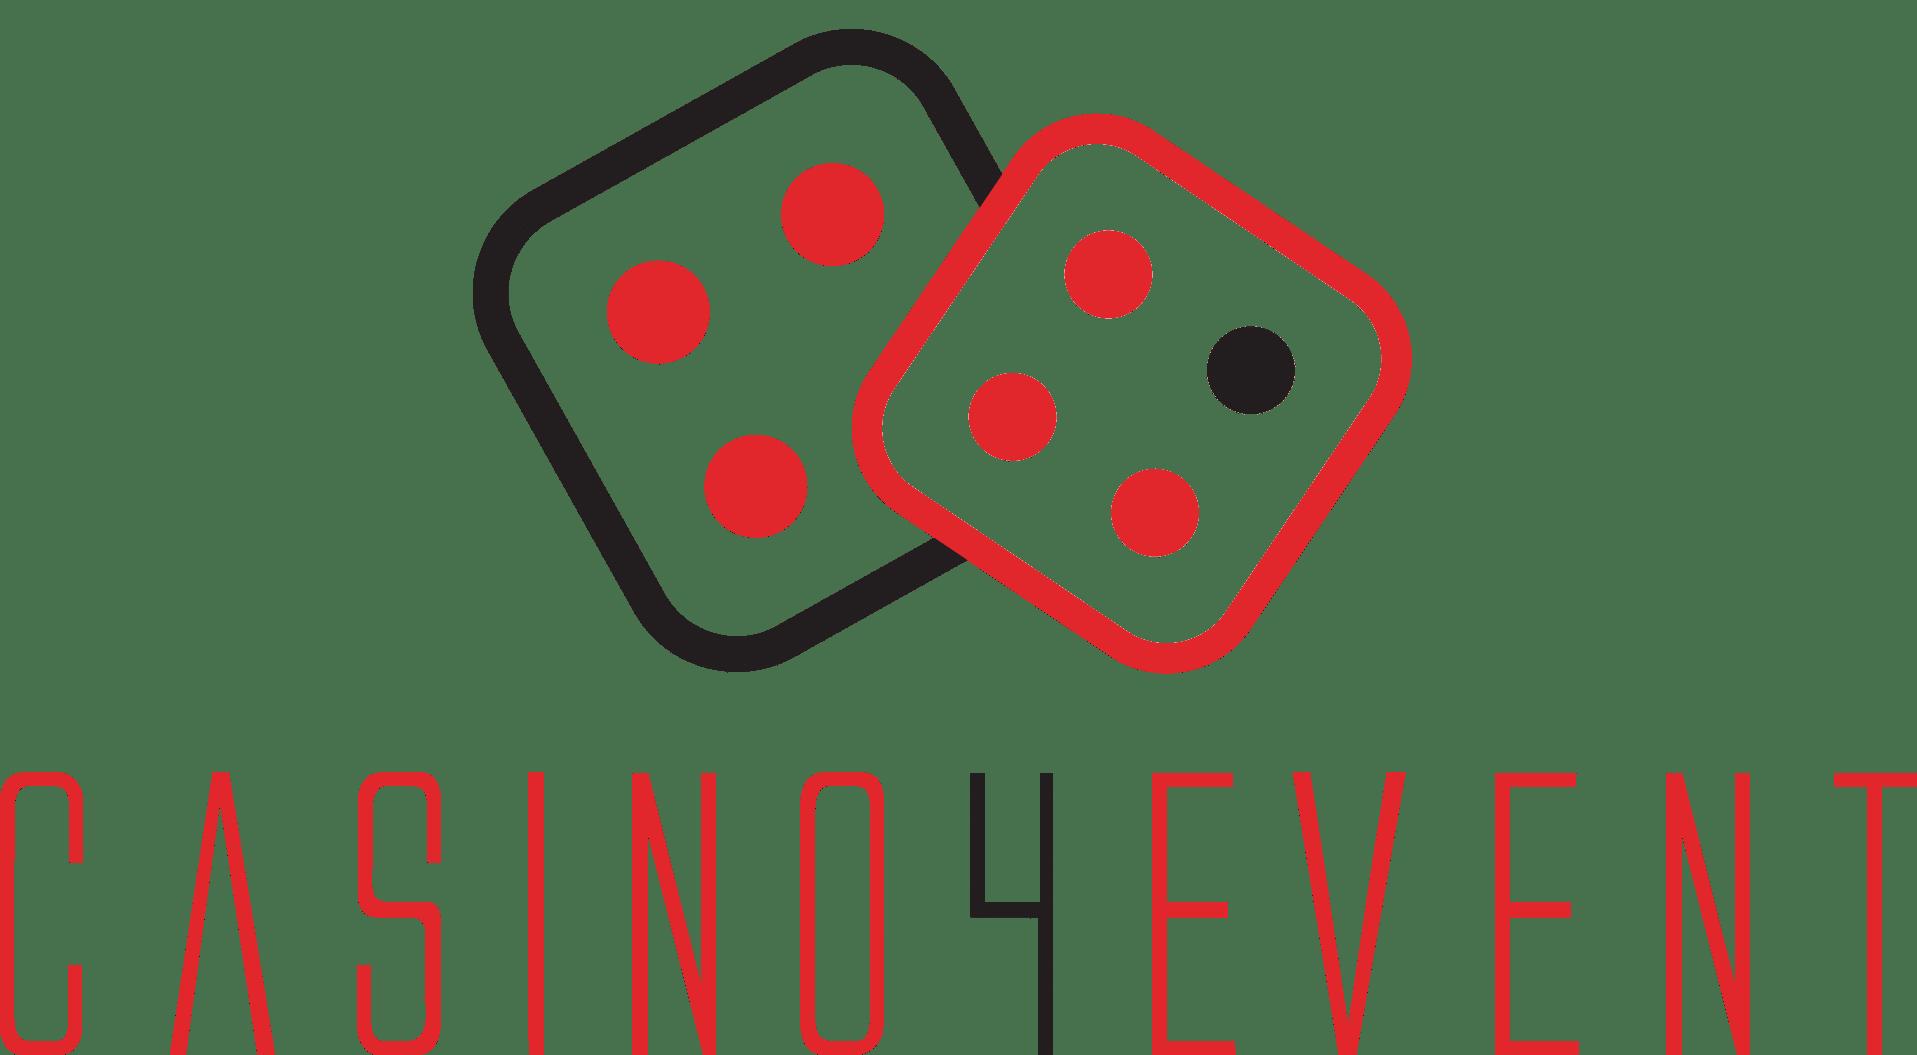 Casino4event